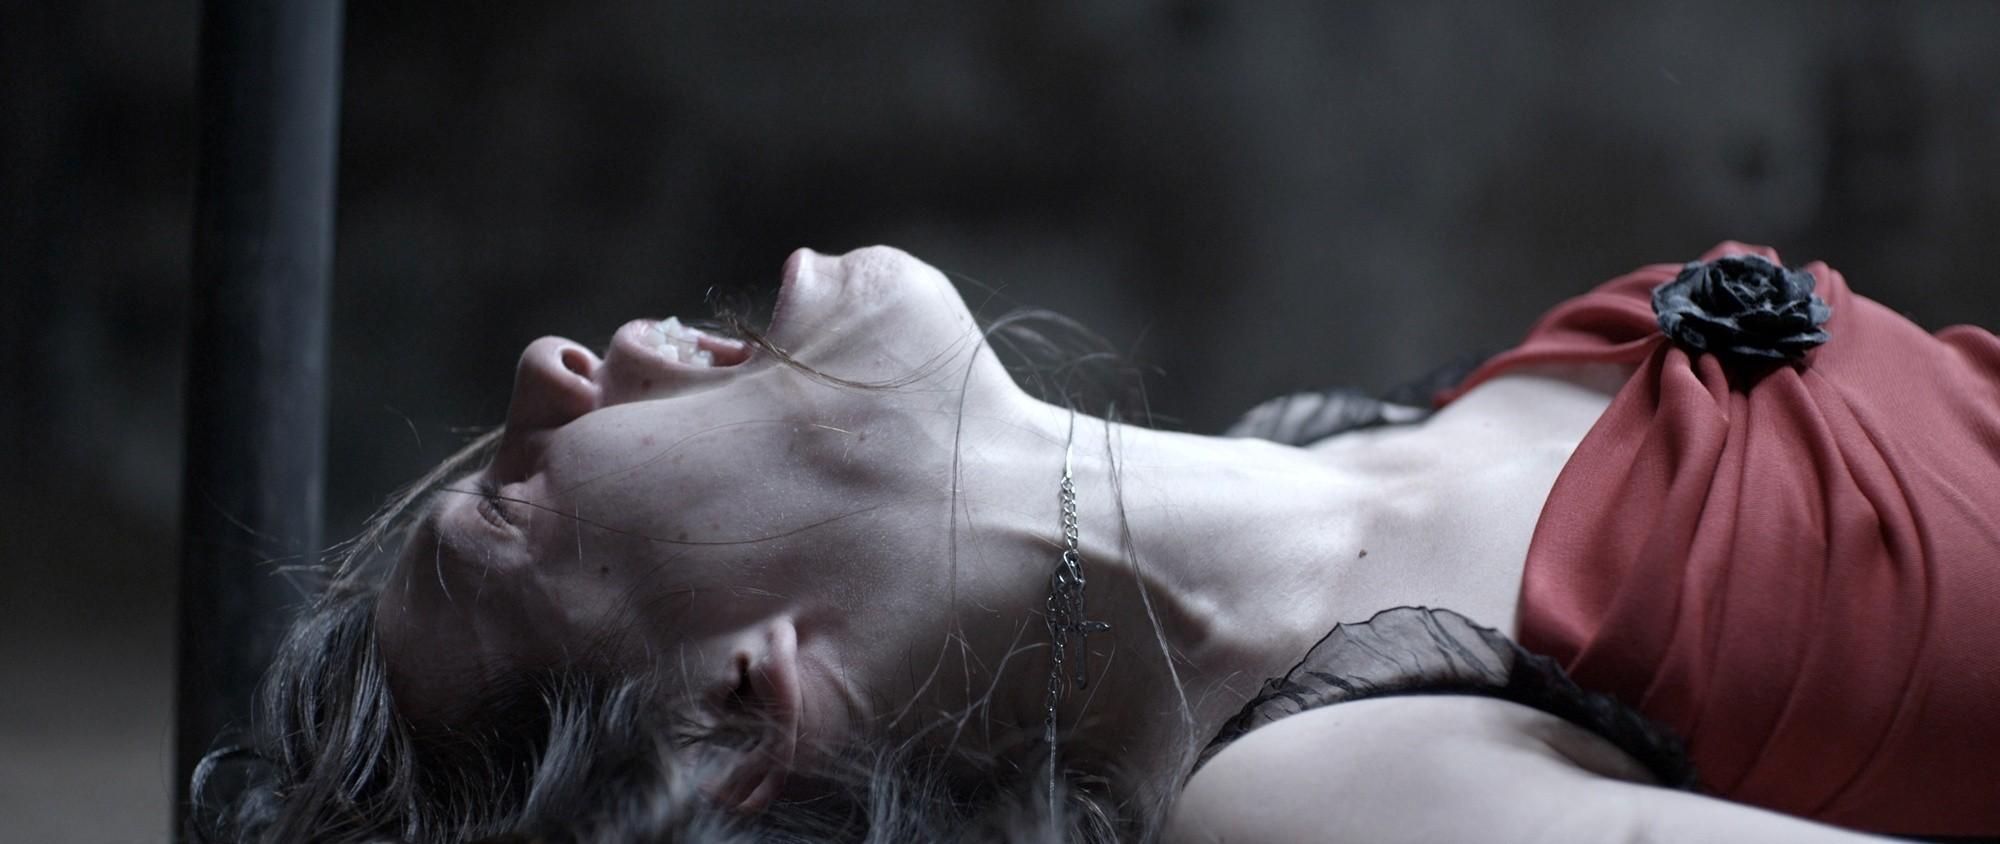 """Rache-Horror: Missbrauch und Vergewaltigung im neuen """"I Spit On Your Grave 2""""-Trailer"""